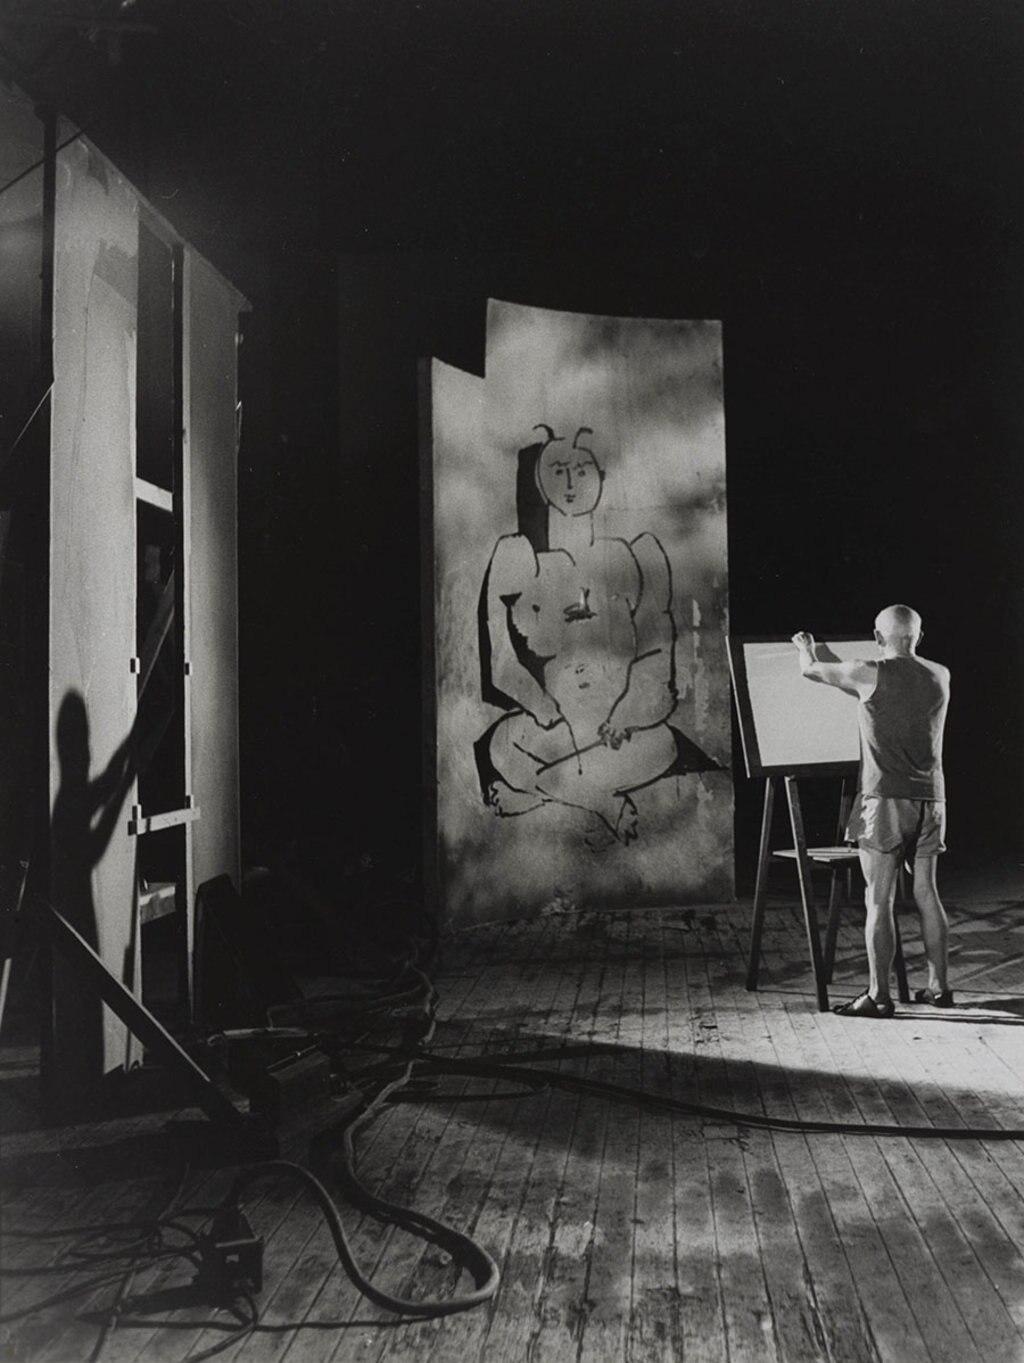 André Villers Picasso au travail, 1955 Photo © André Villers, Adagp, Paris 2016/Coll. Bibliothèque Nationale de France © Succession Picasso